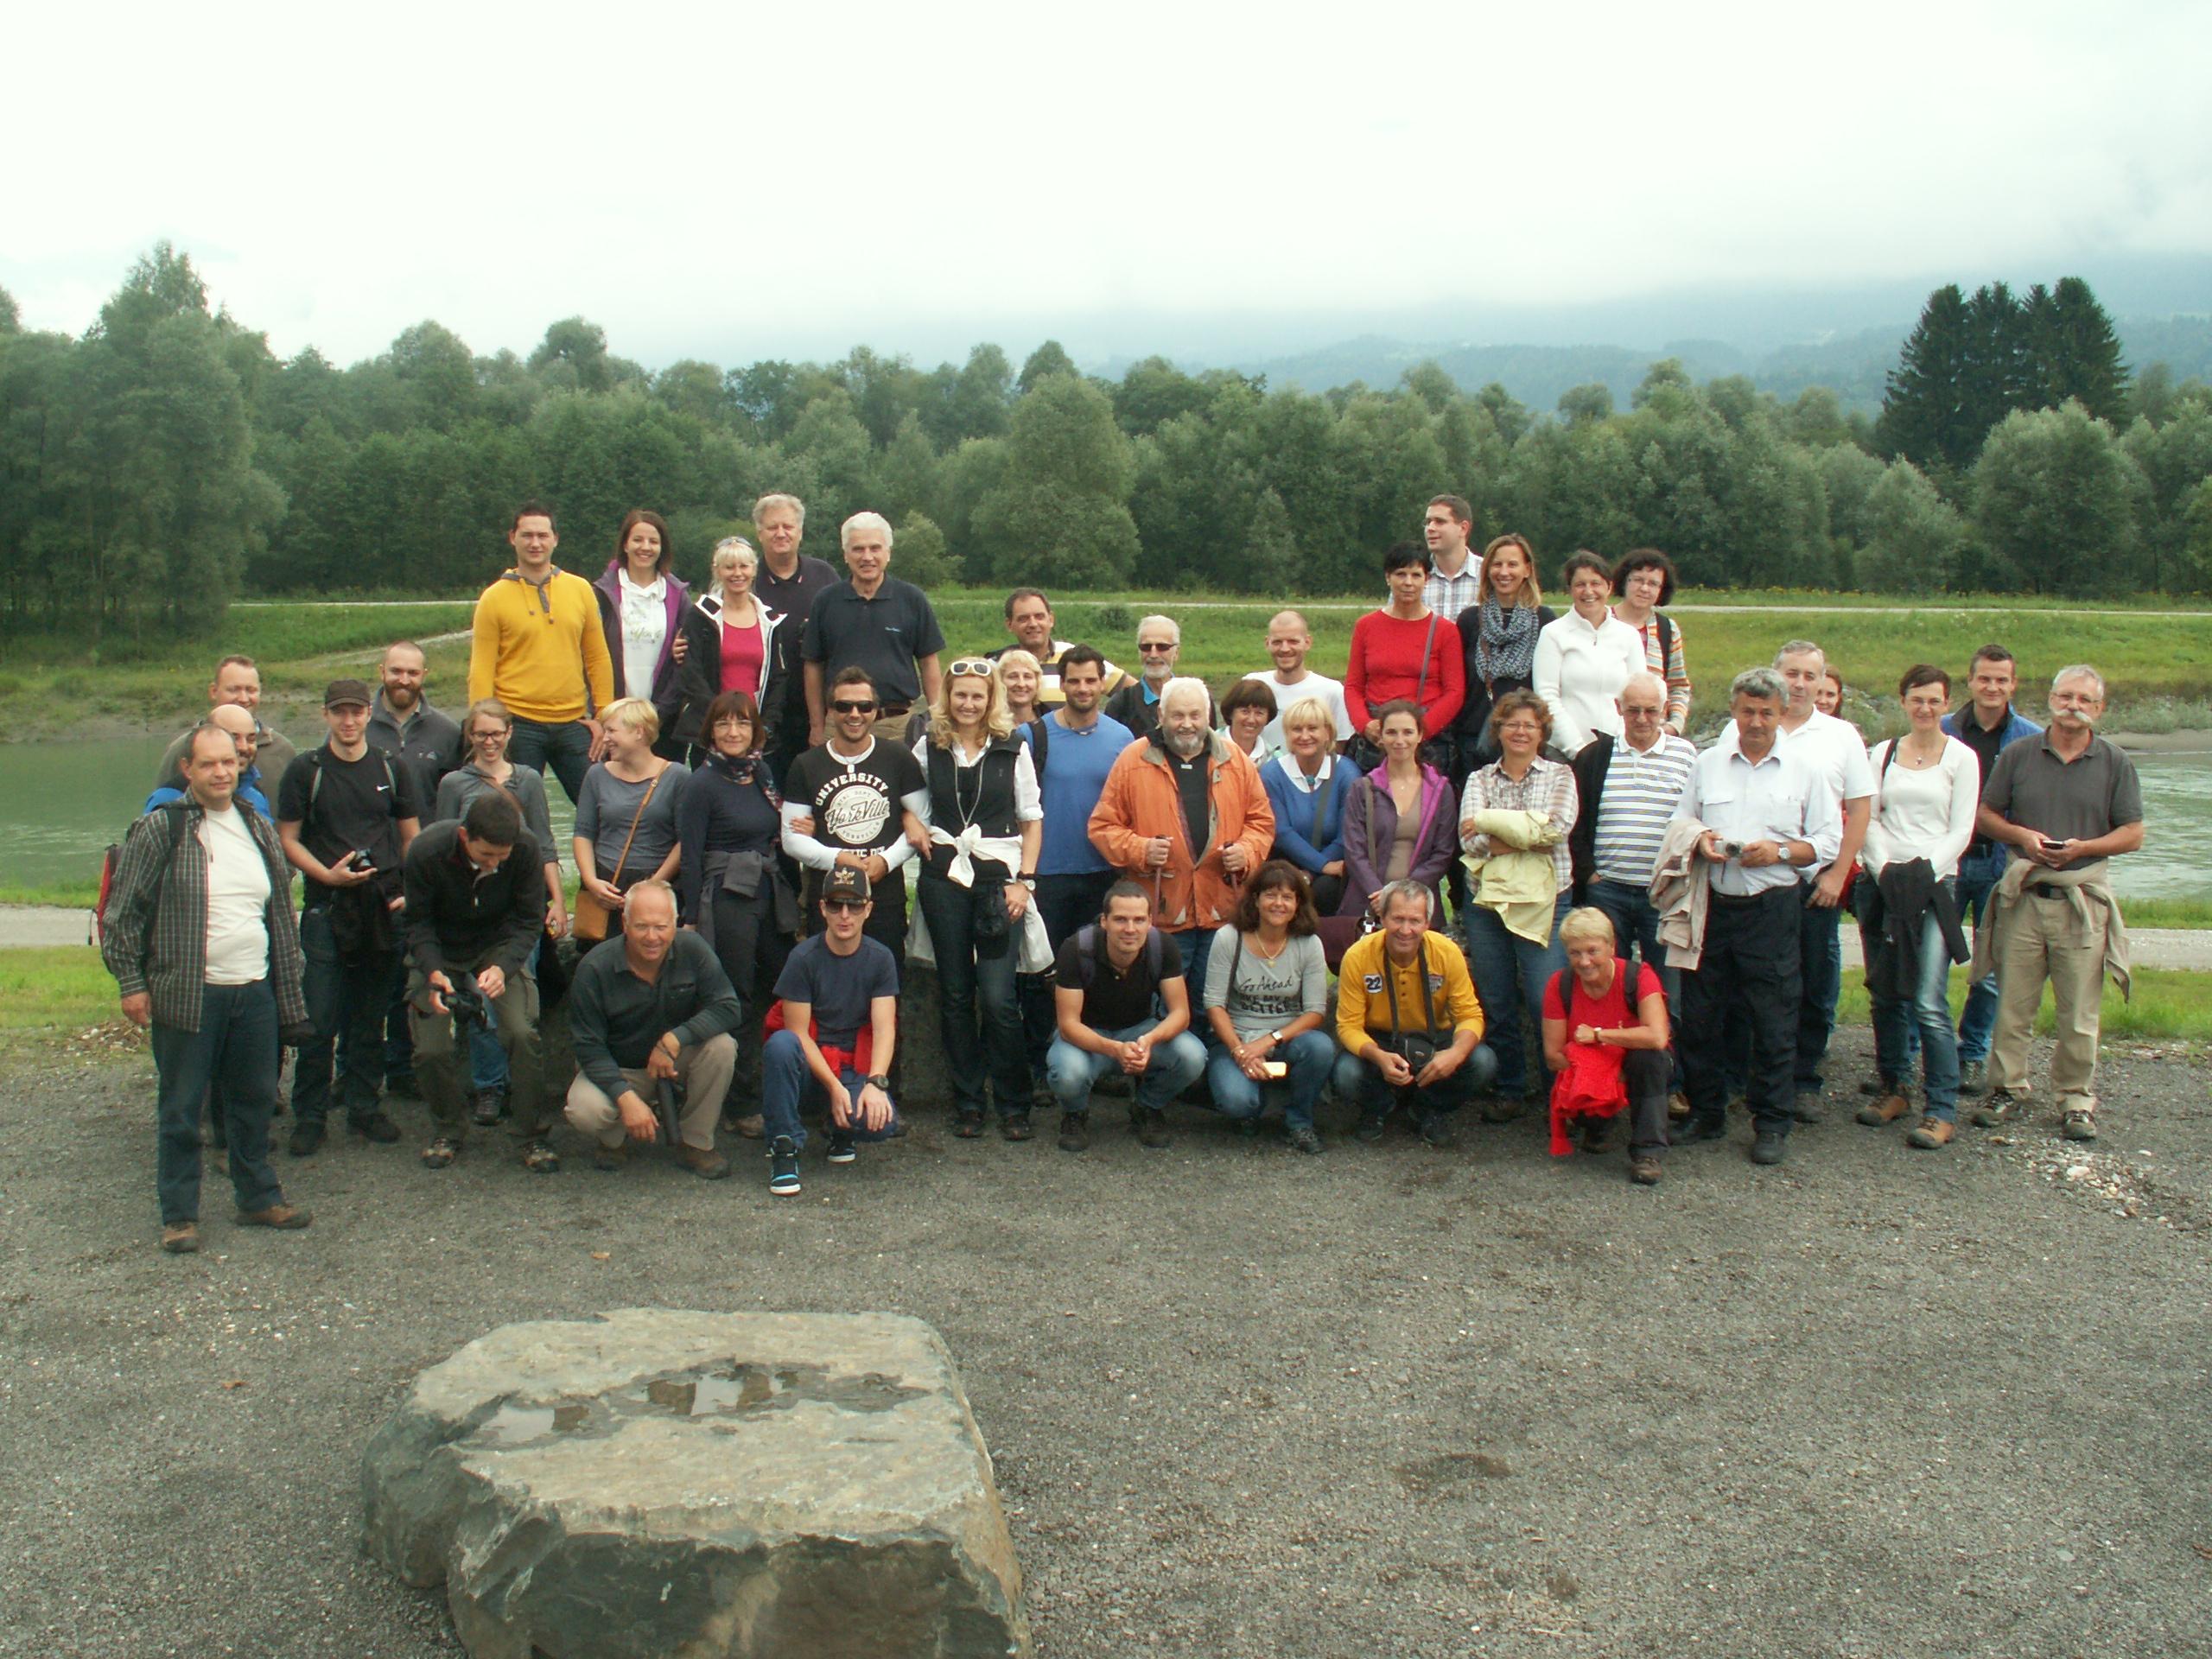 Exkursionsteilnehmer (Foto: Lidija Globevnik)